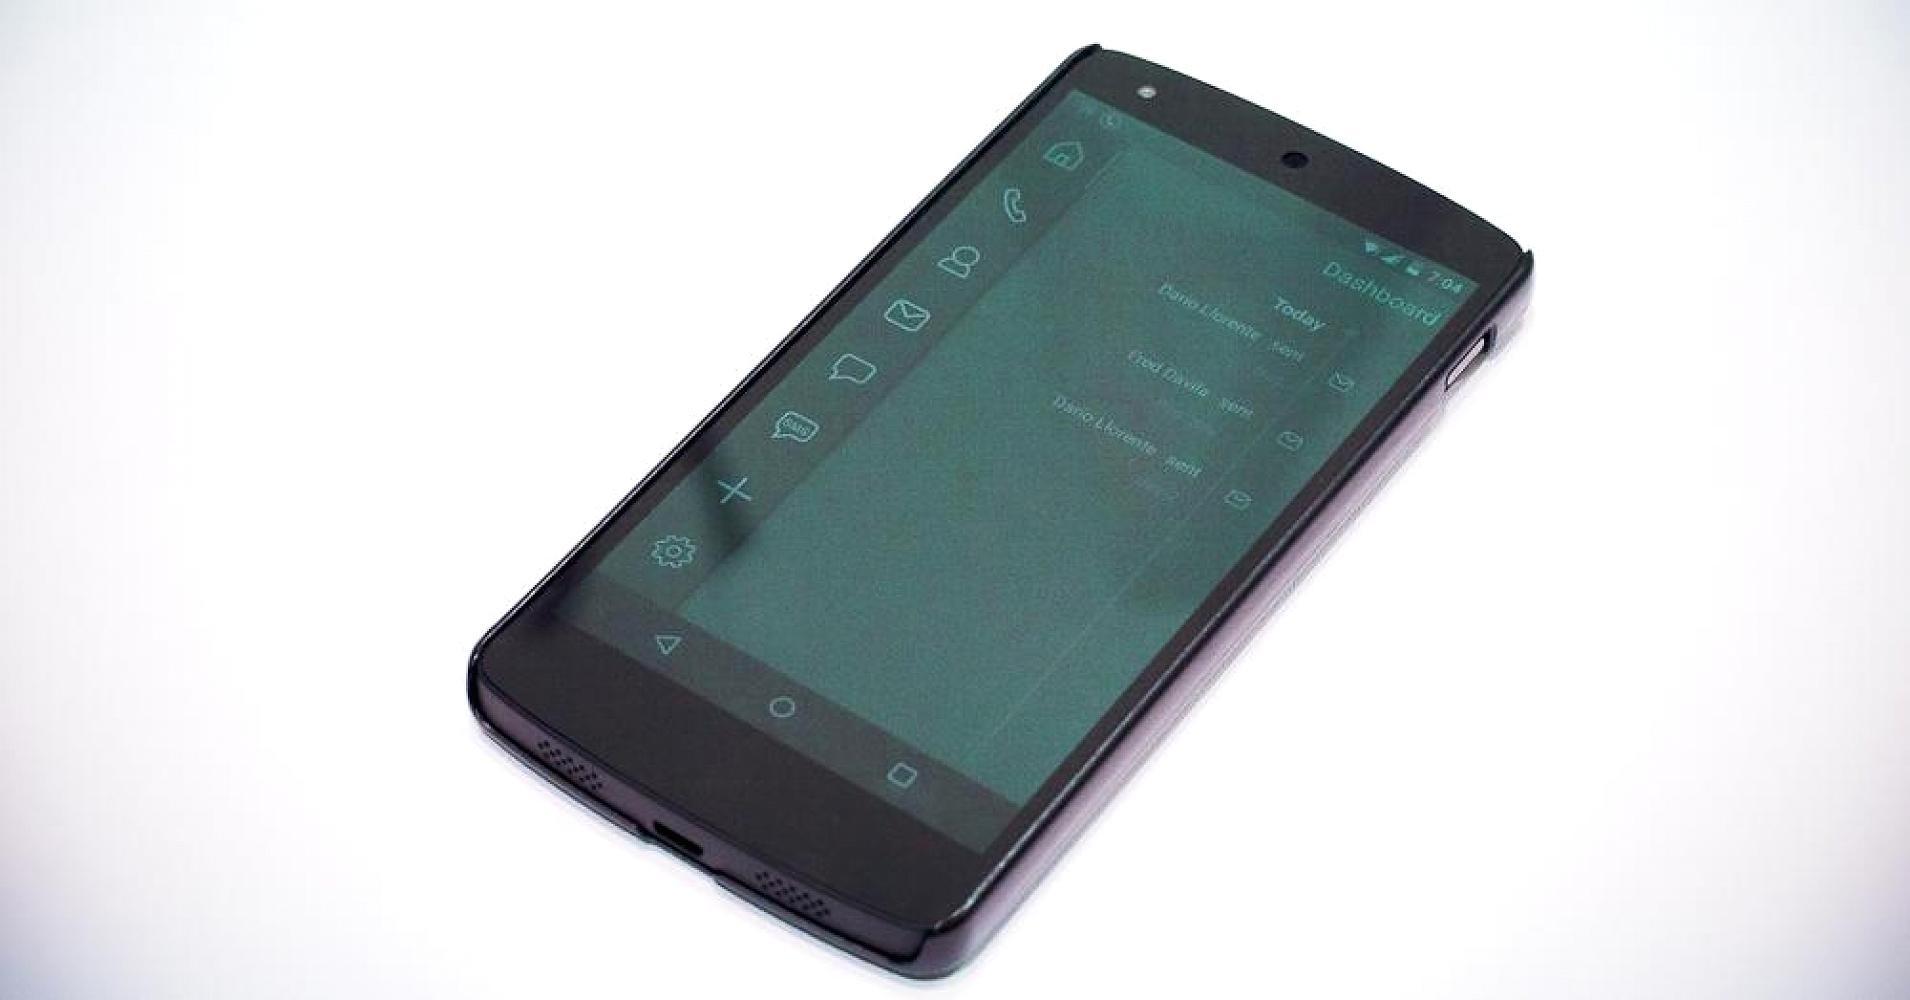 GranitePhone e o mais novo dos smartphones ultra-seguros disponiveis 1